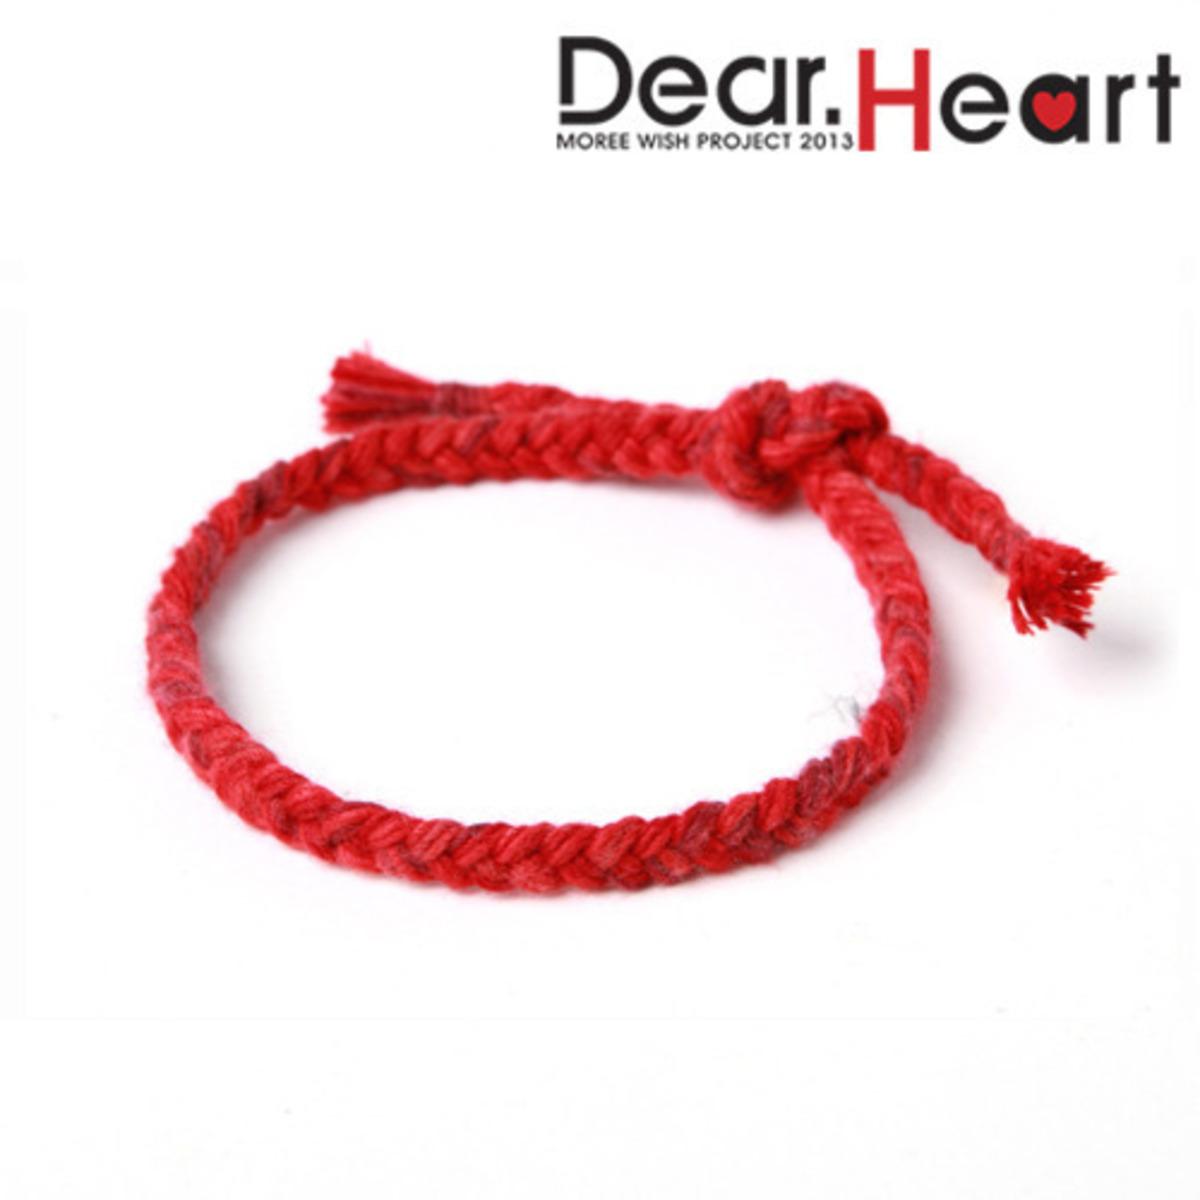 희망나눔프로젝트 Dear. Heart 심장병어린이 후원팔찌 - 모리, 15,000원, 팔찌, 패션팔찌